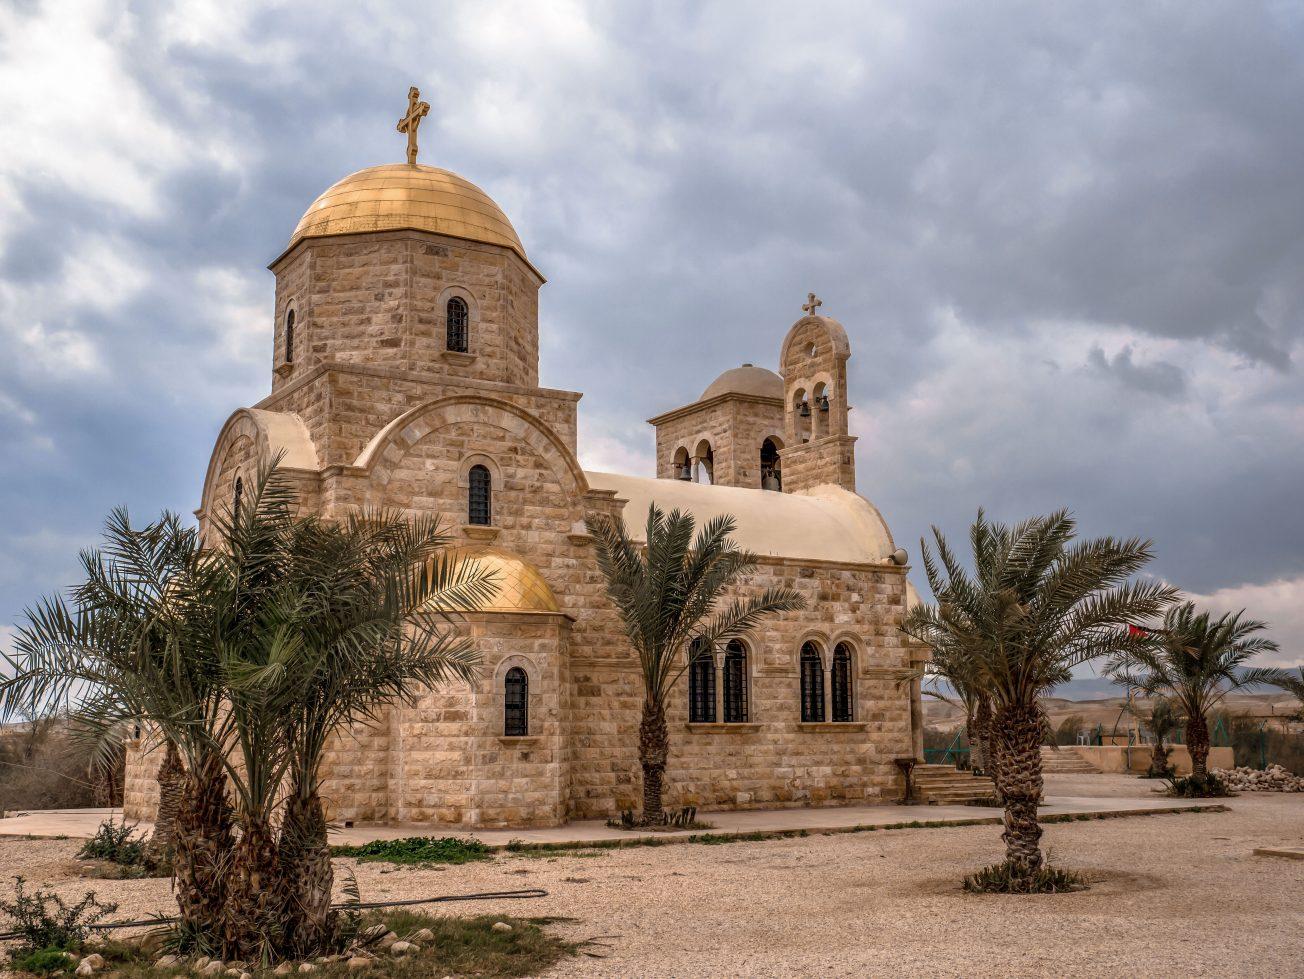 Grécky ortodoxný kostol sv. Jána Krstiteľa pri rieke Jordán